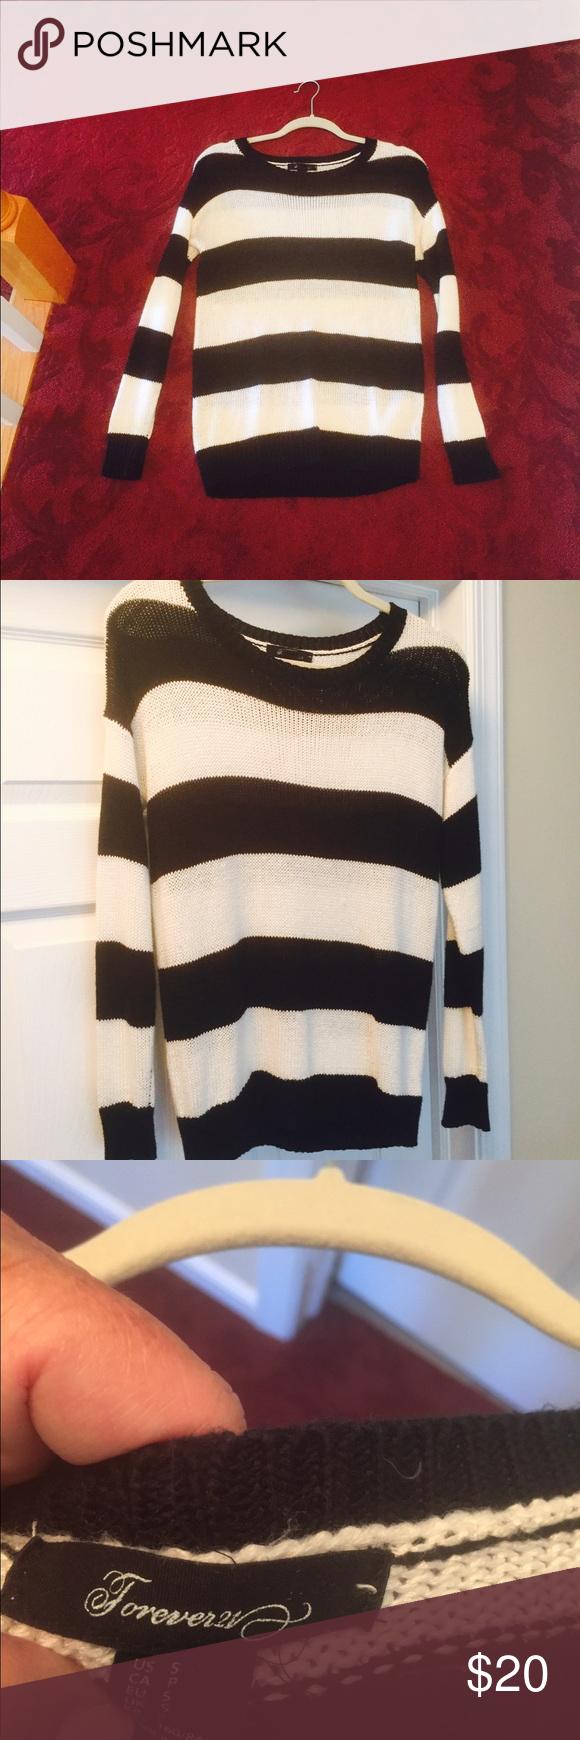 Pretty black & white light sweater in junior small | Scoop neck ...